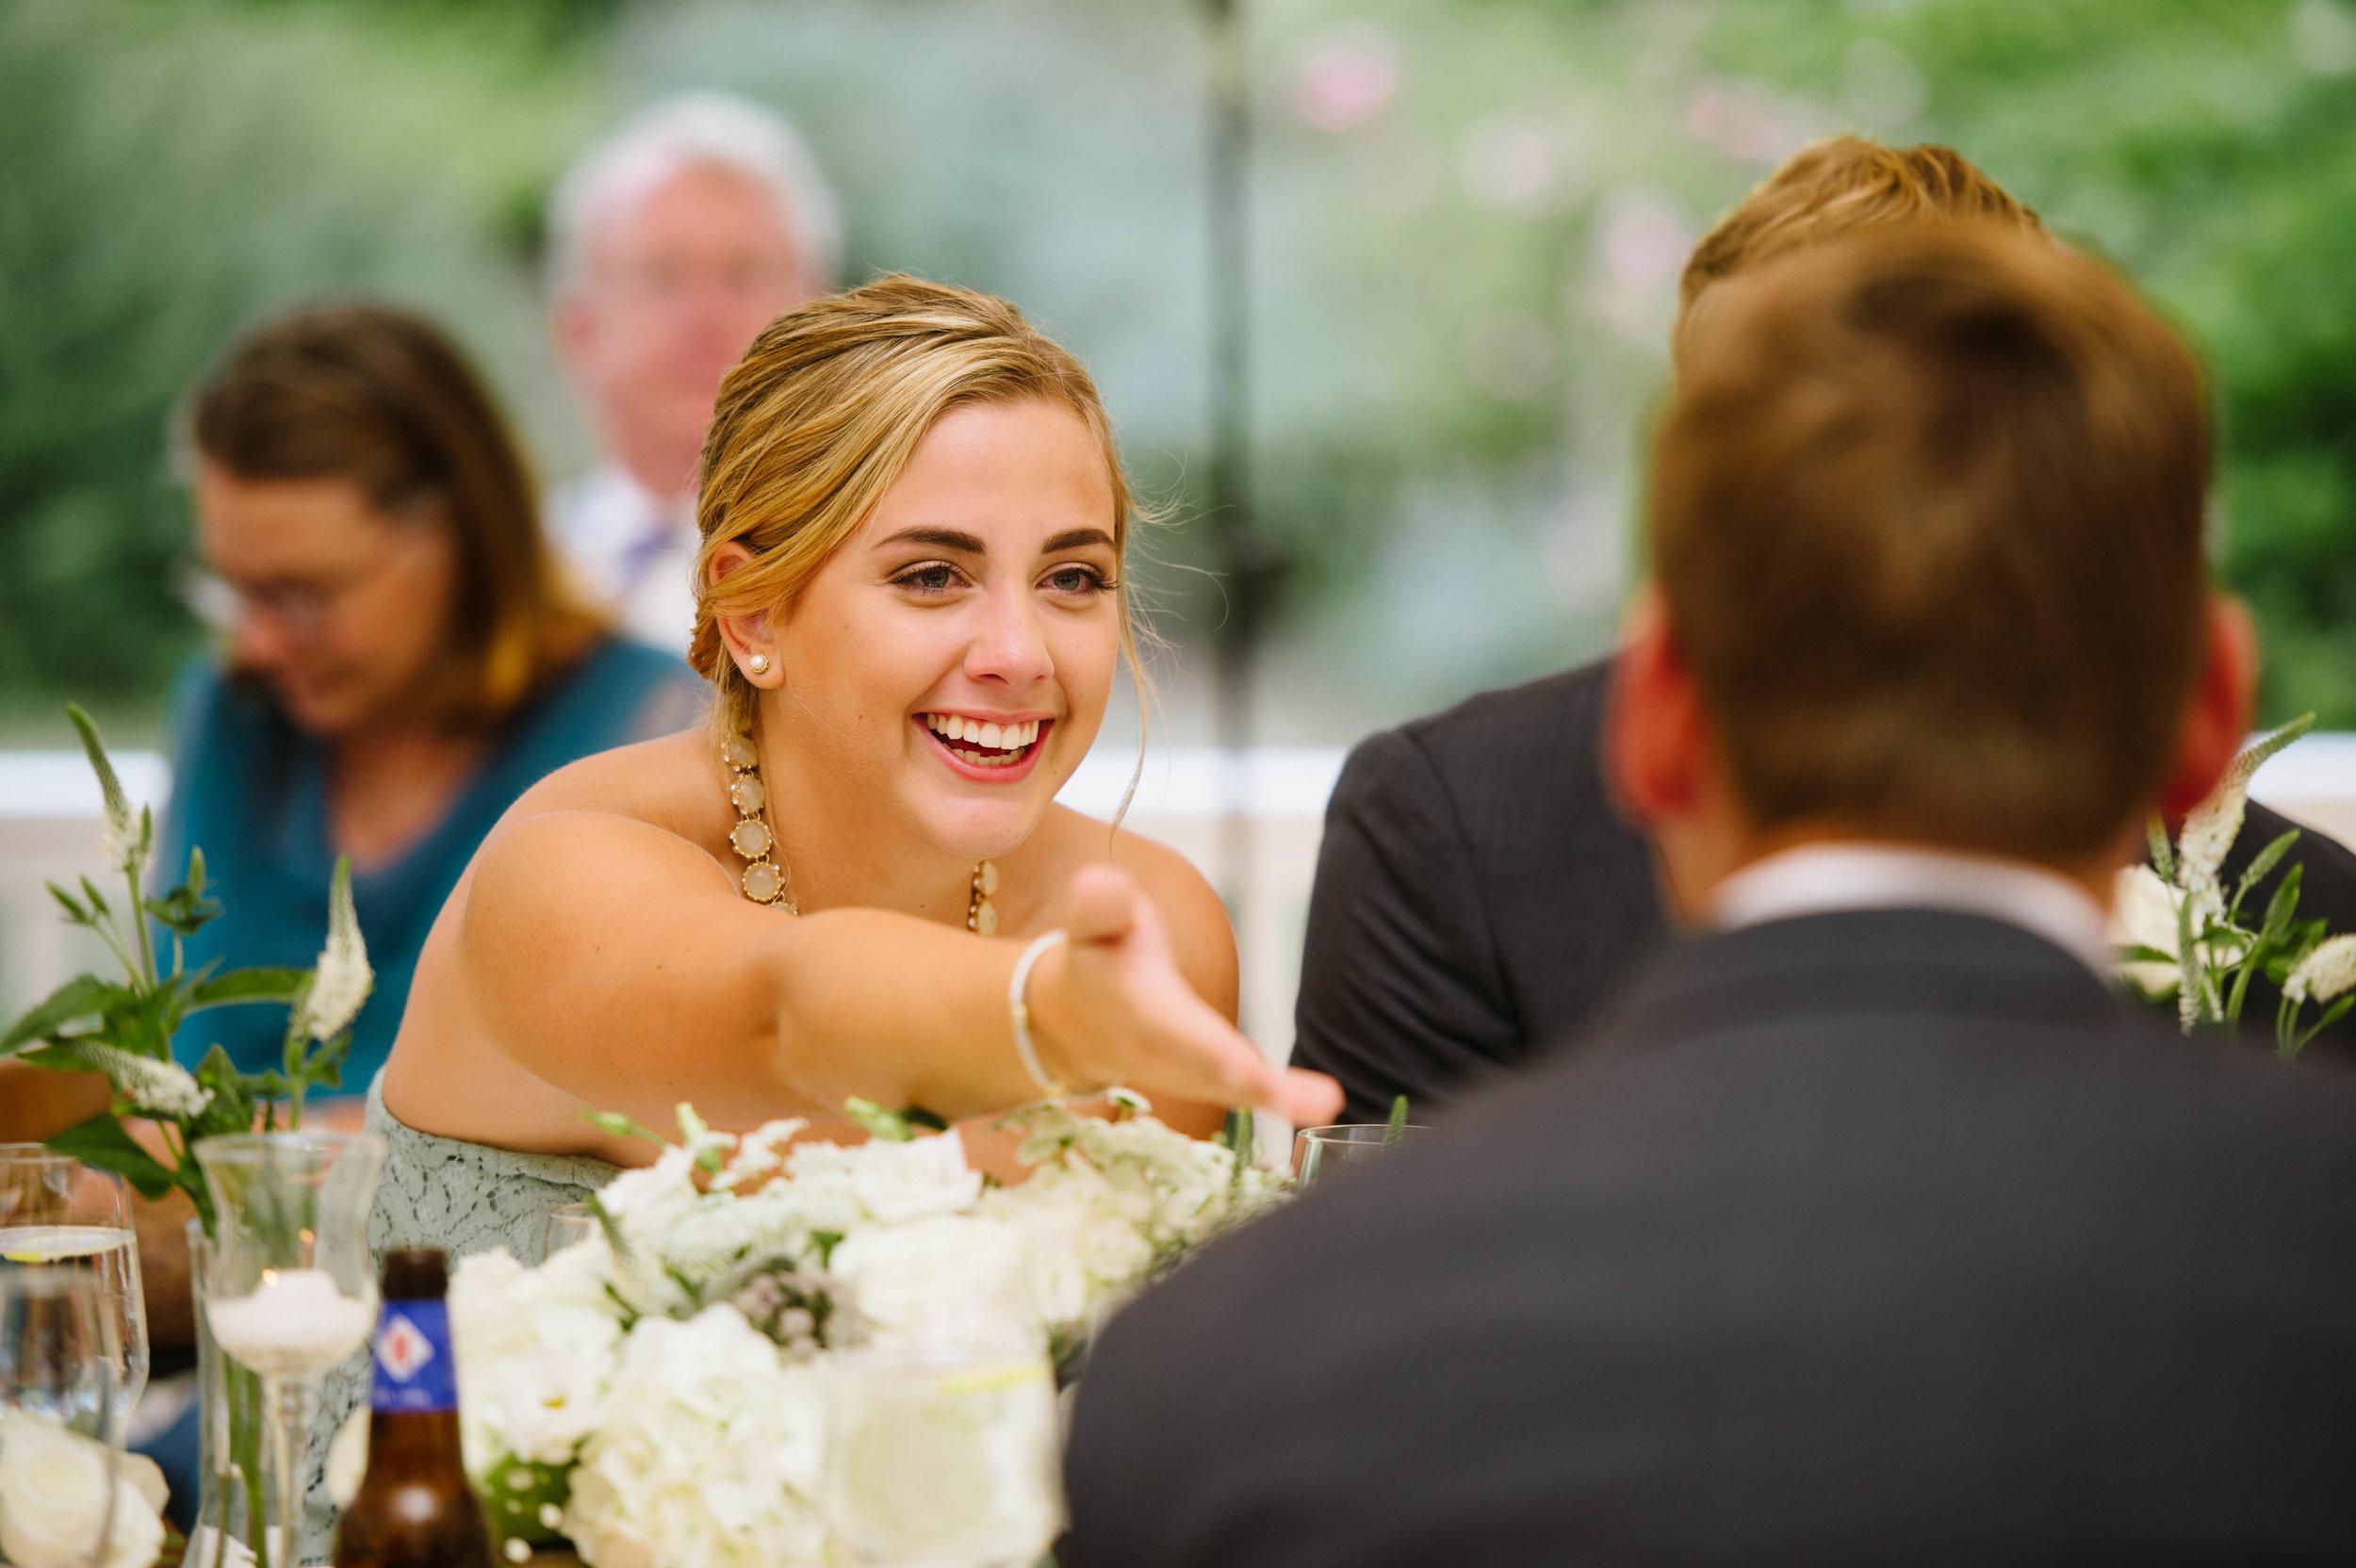 Katie-Noble-Wedding-Photography050.jpg